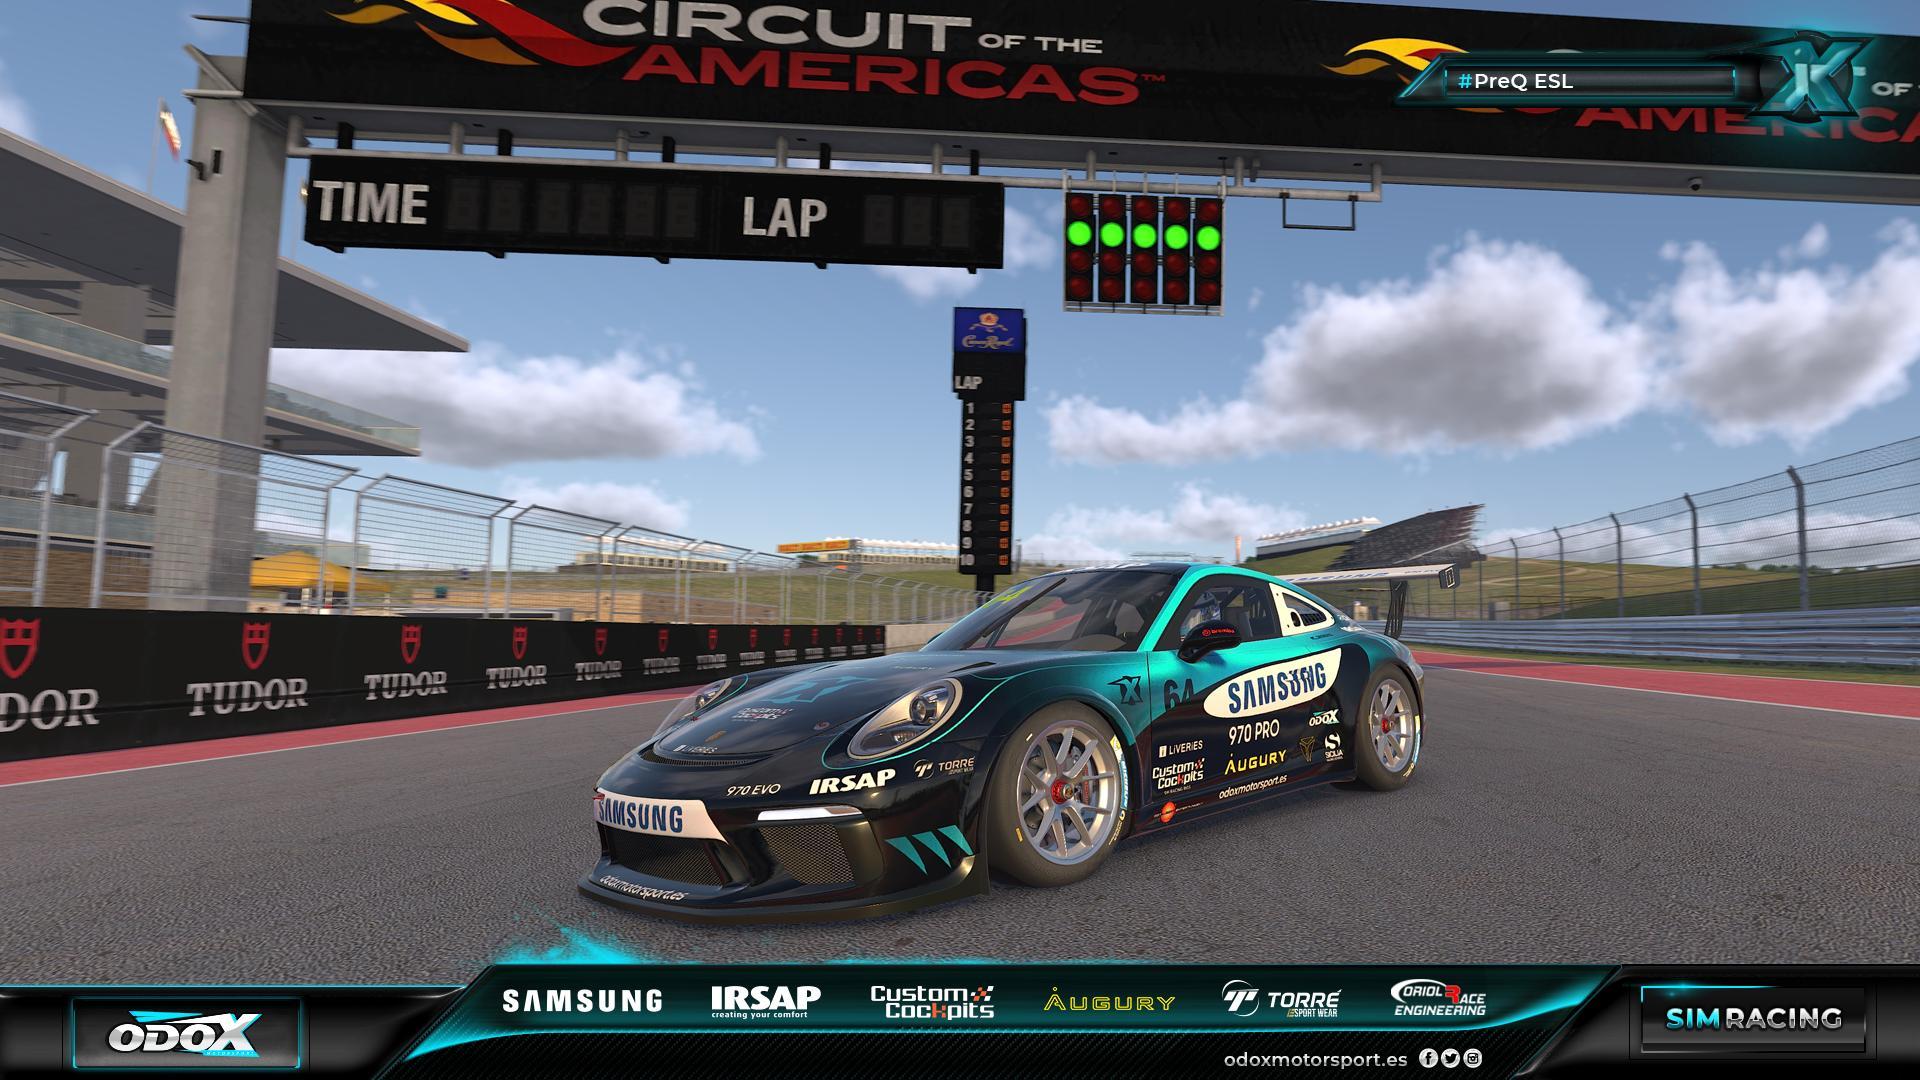 Odox Motorsport estará representado en la competición.